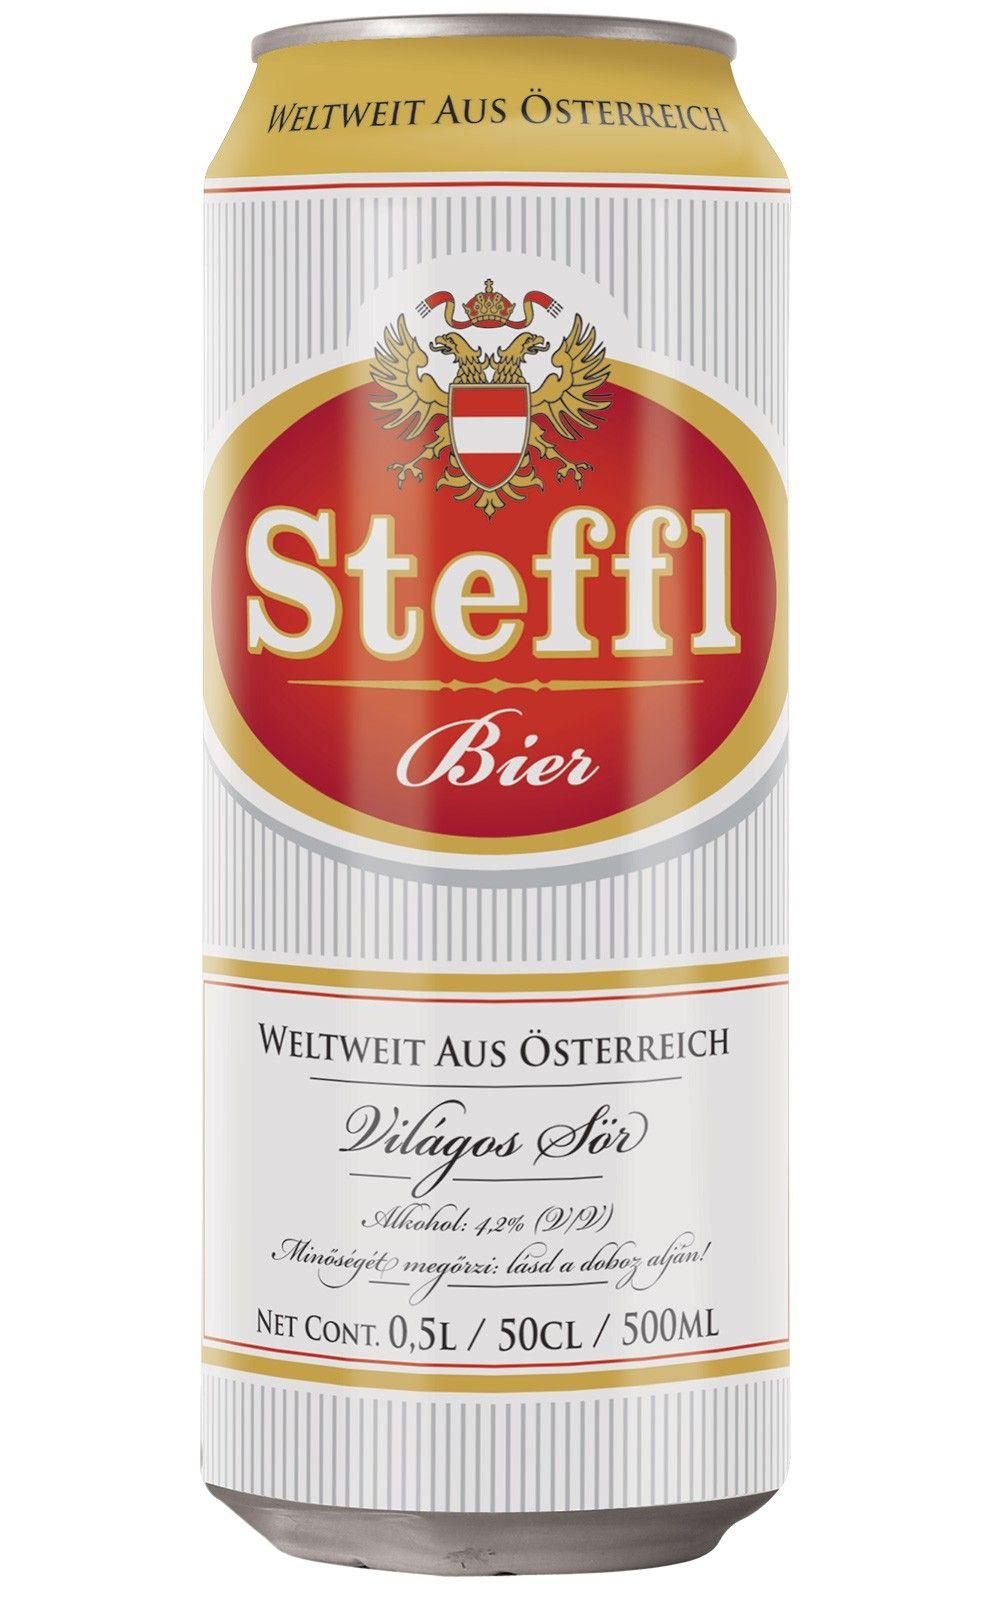 Steffl Bier Hungary Beer Brands Beer Packaging Beer